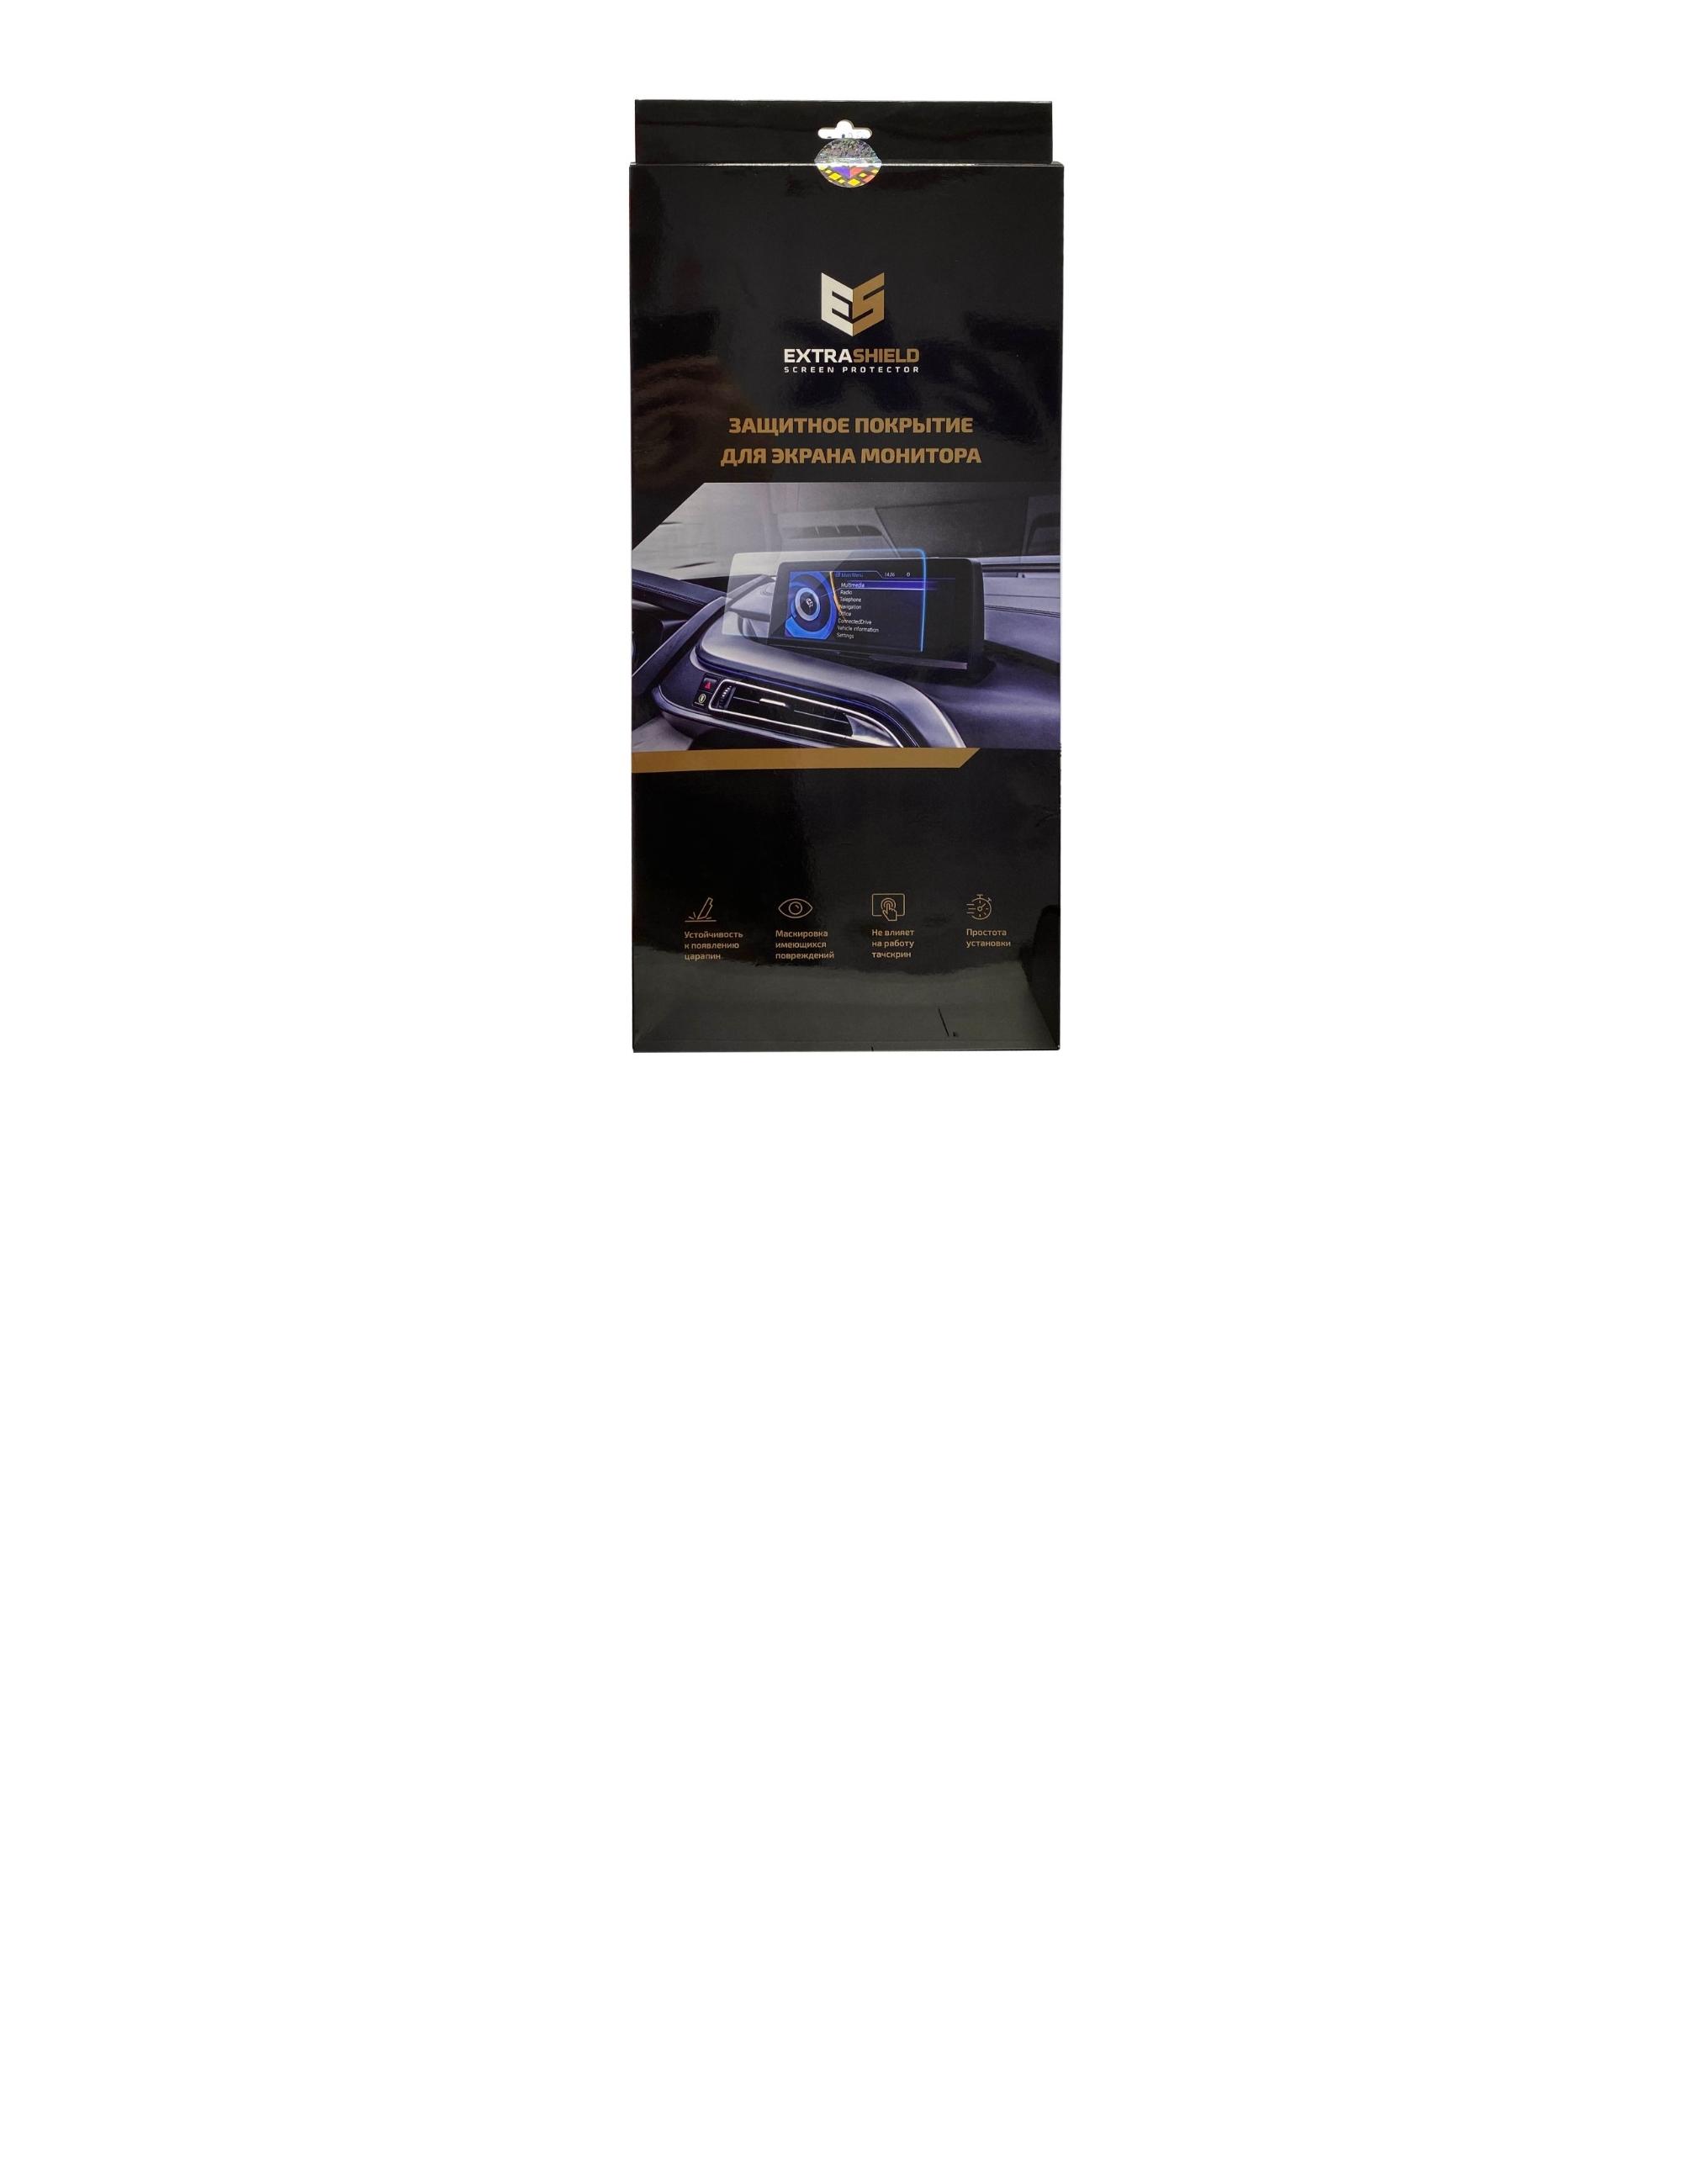 Mercedes-Benz AMG GT (C190) 2016 - 2020 мультимедиа 10,3 Защитное стекло Глянец